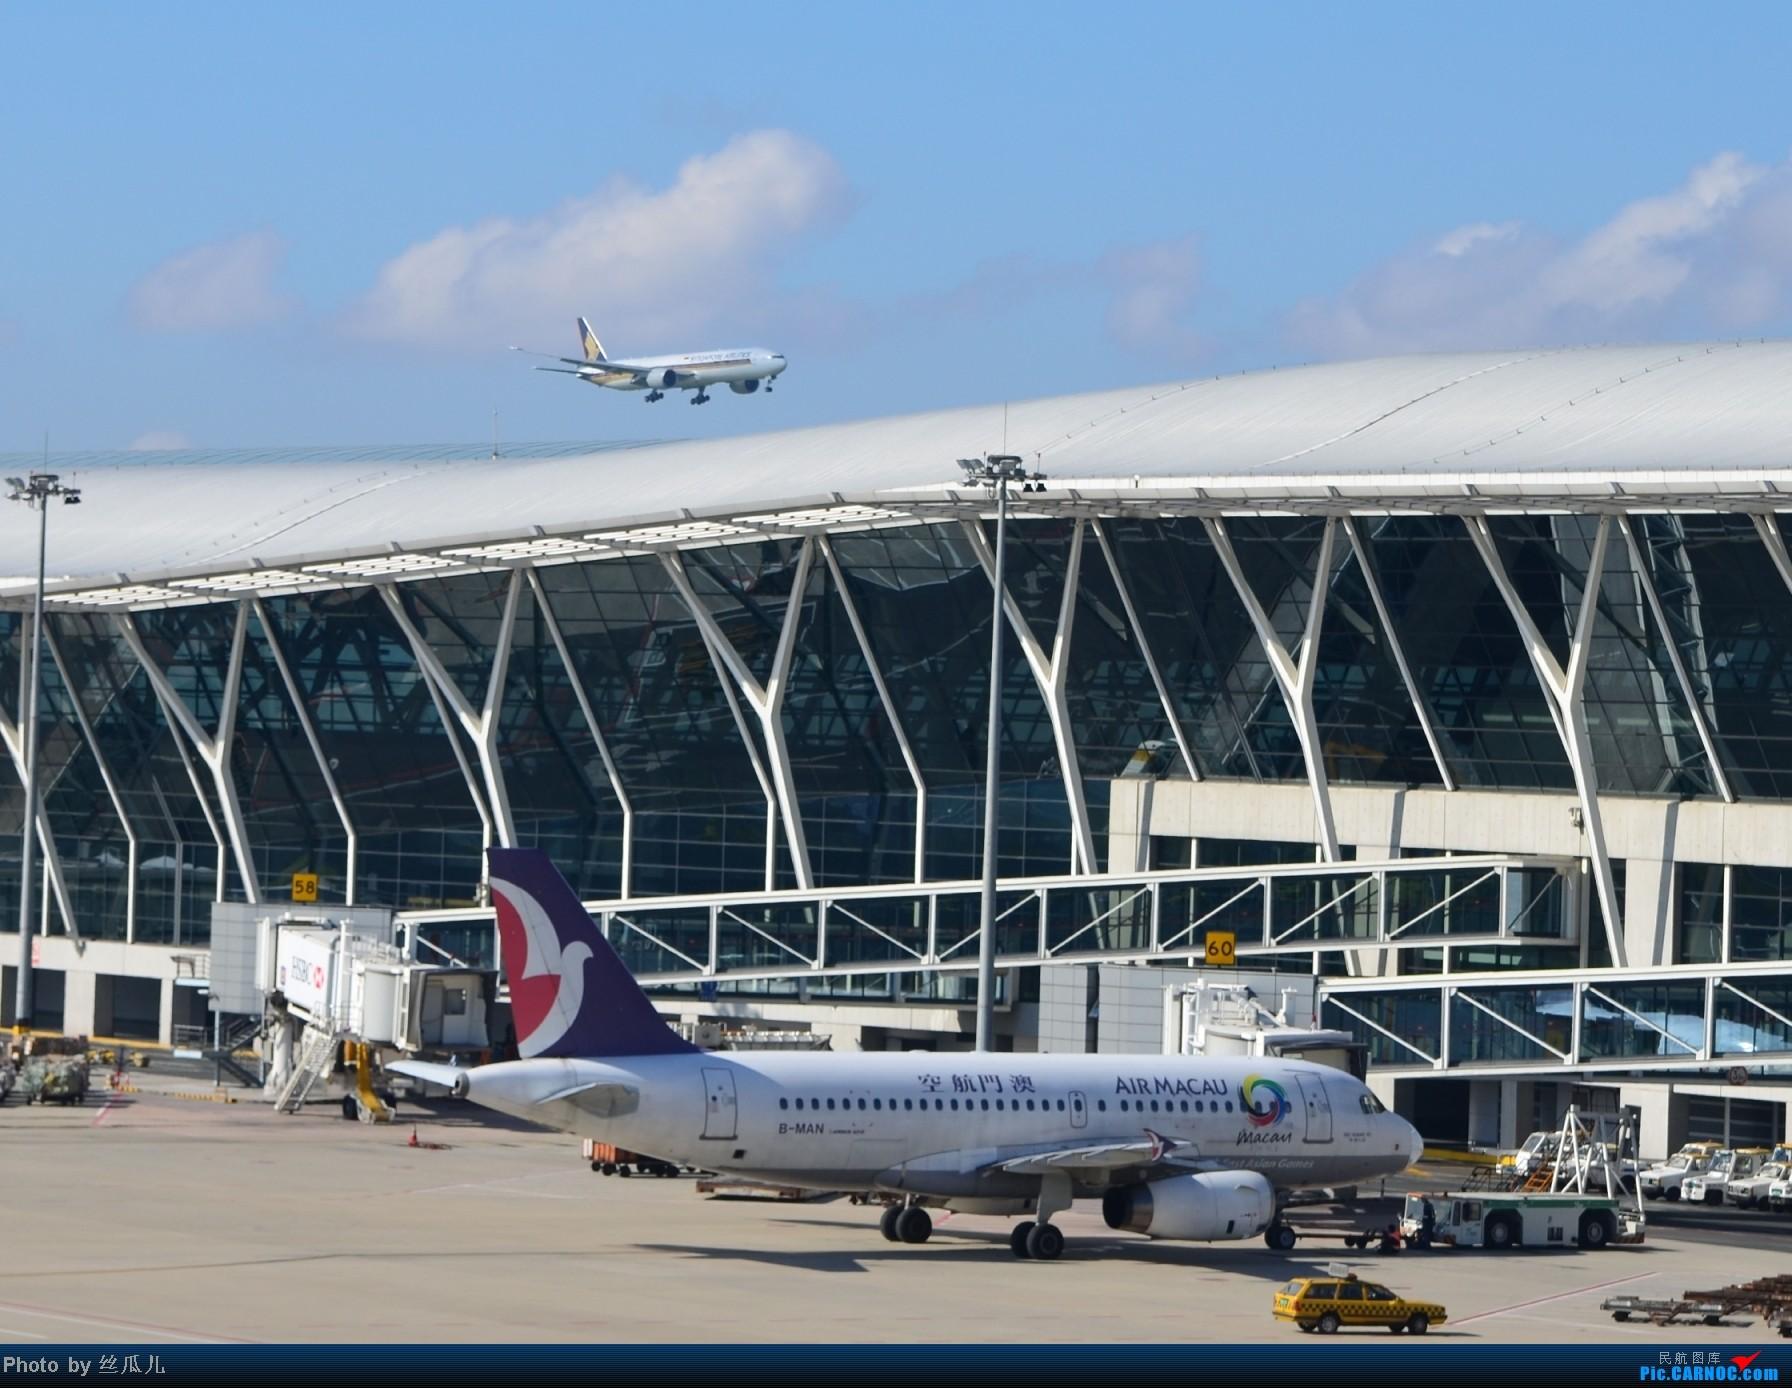 [原创]浦东机场手痒痒了 AIRBUS A319-100 B-MAN 中国上海浦东机场